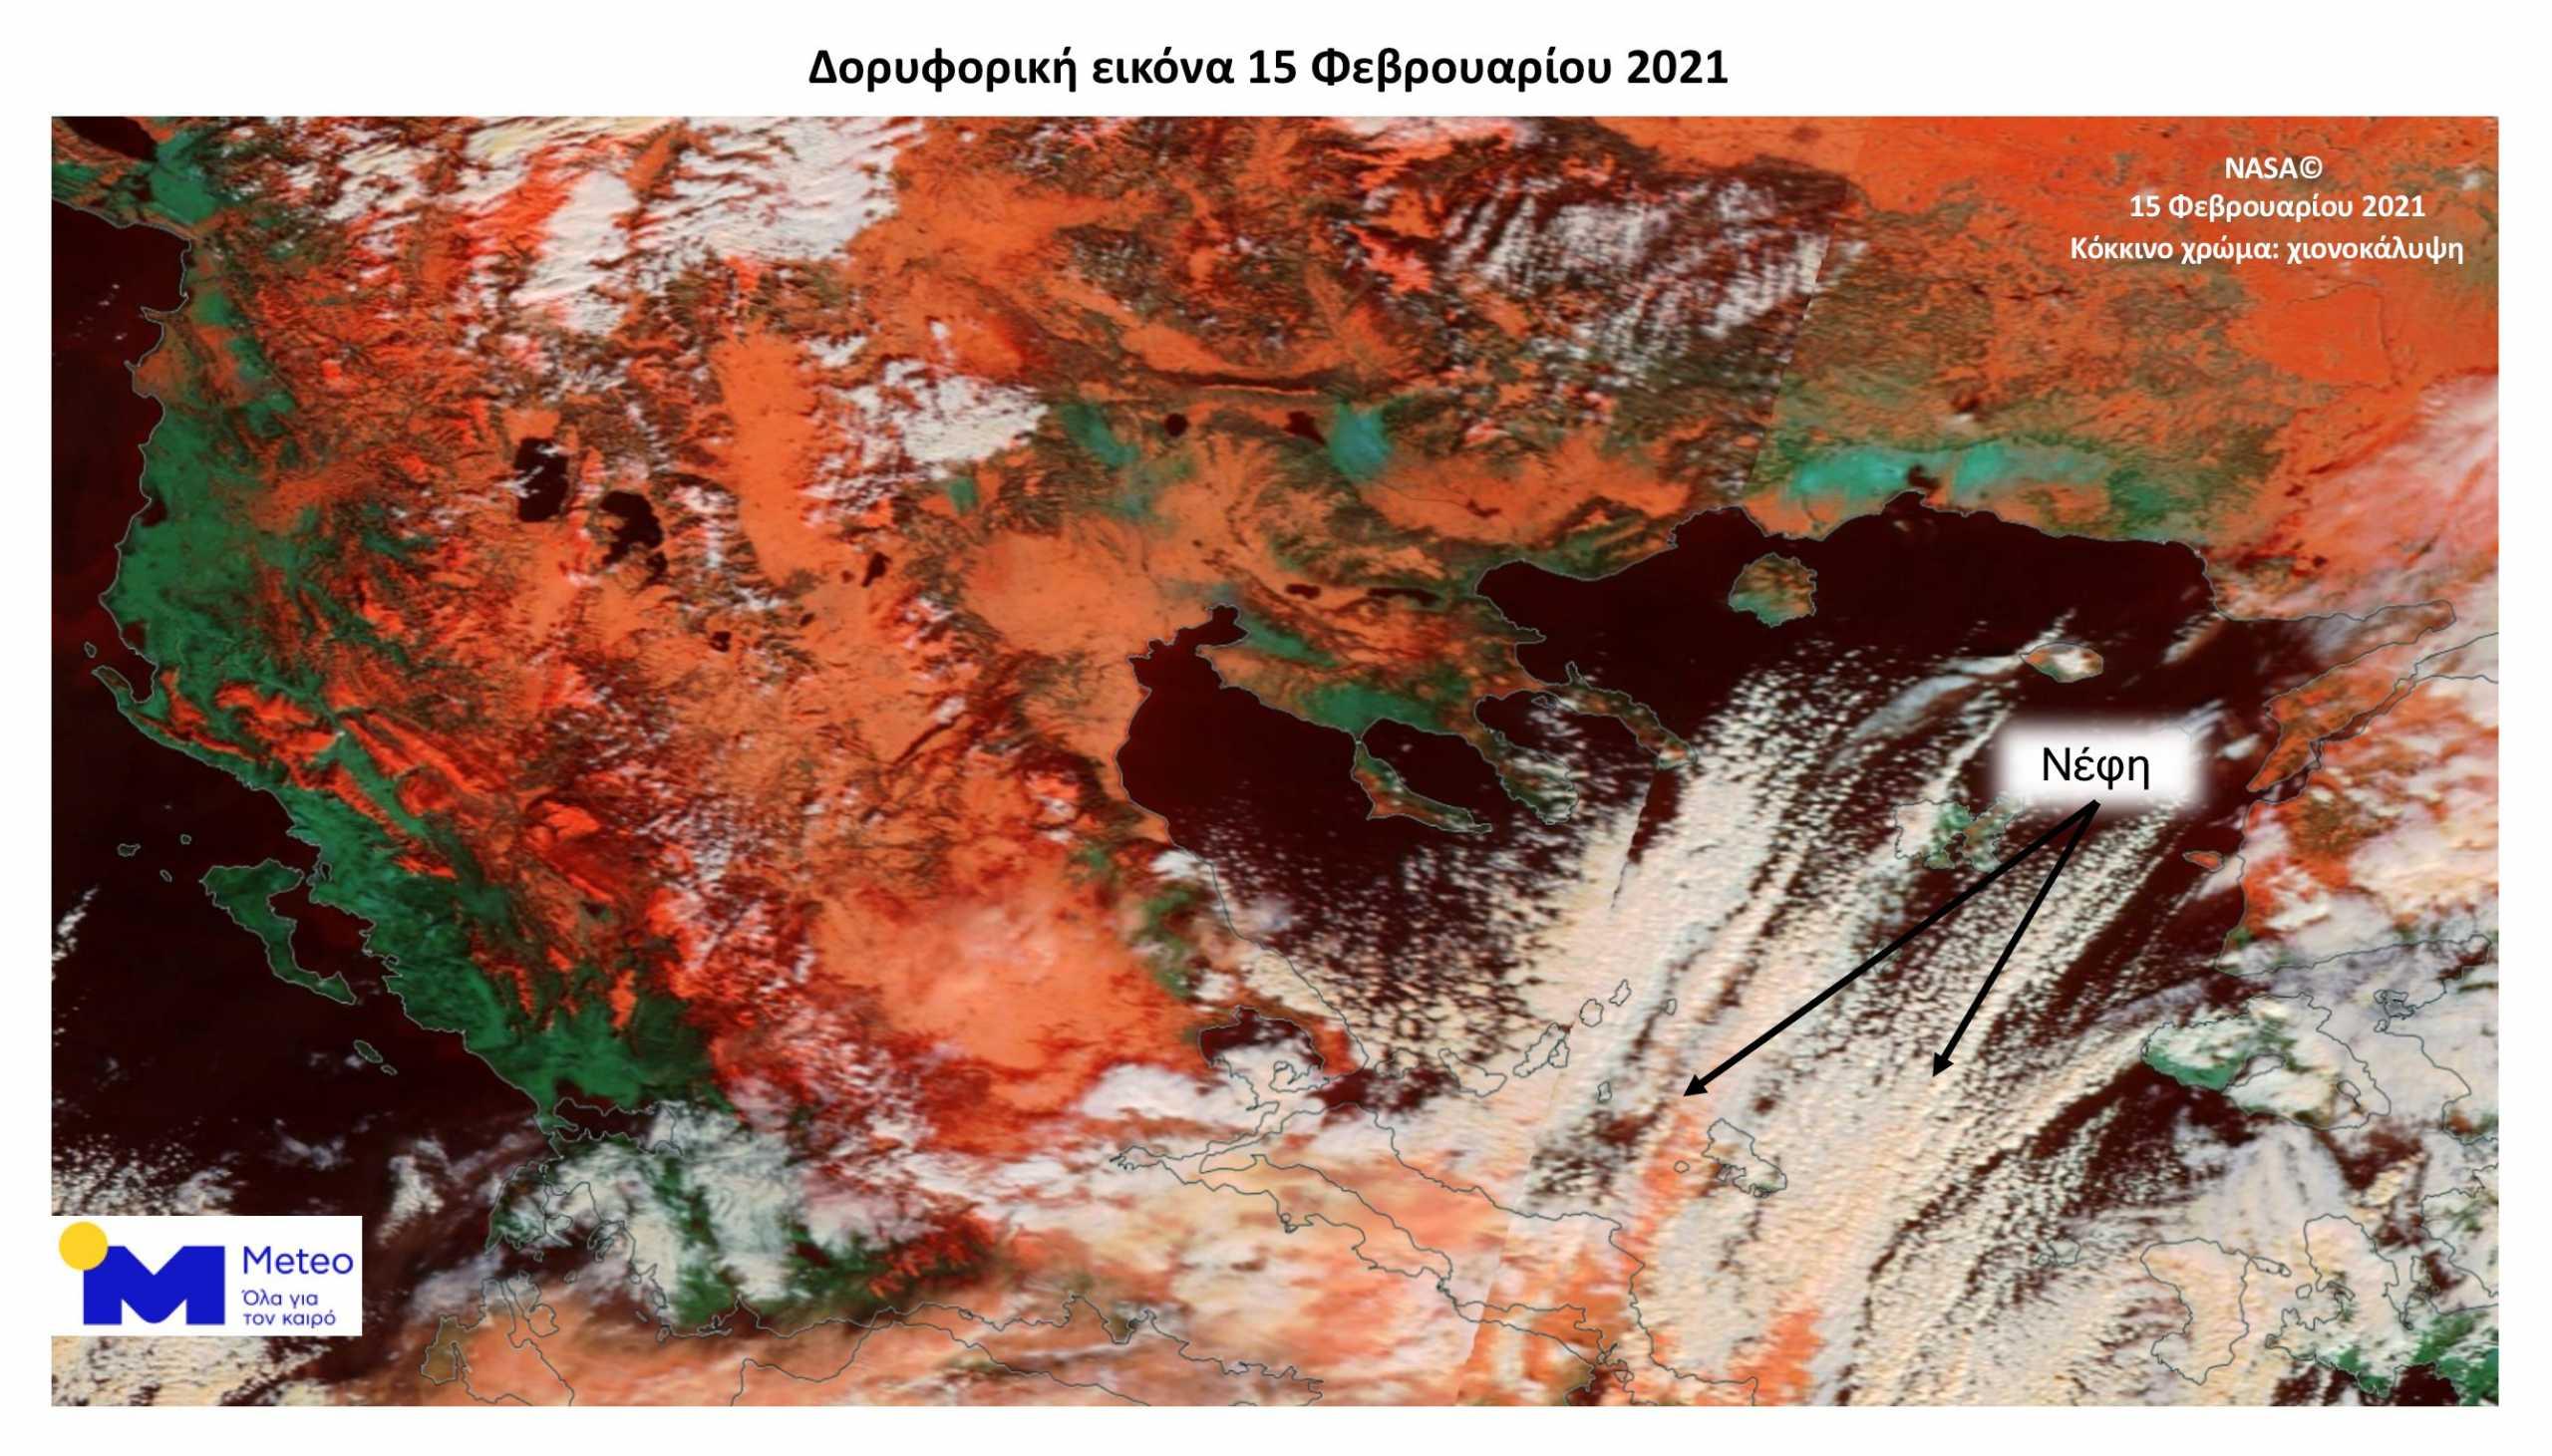 Καιρός – Κακοκαιρία Μήδεια: Η εικόνα με τα χιόνια από τον δορυφόρο της NASA